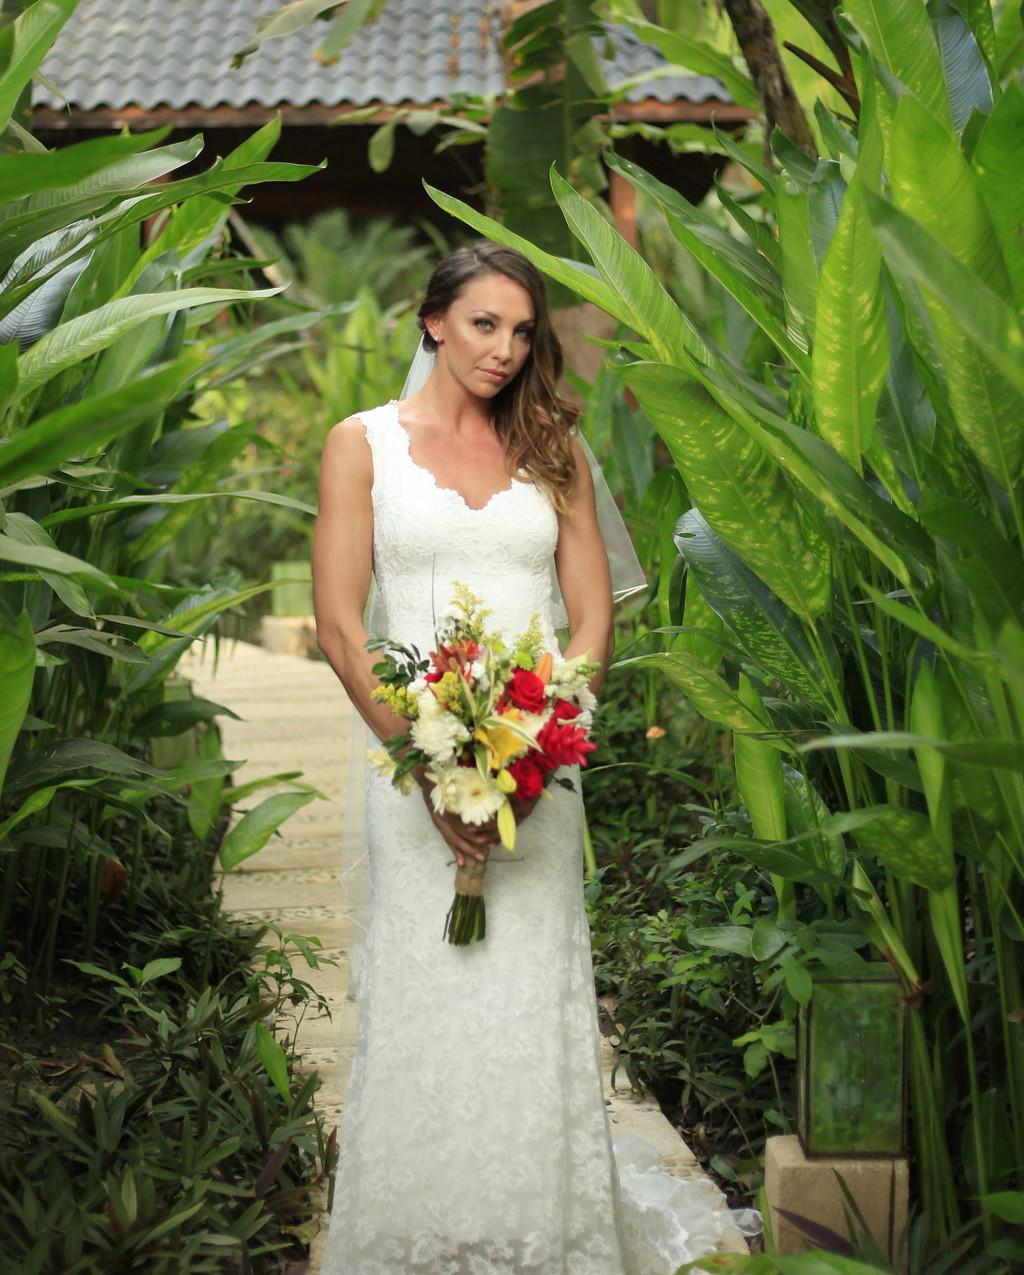 Tropical bride bouquet